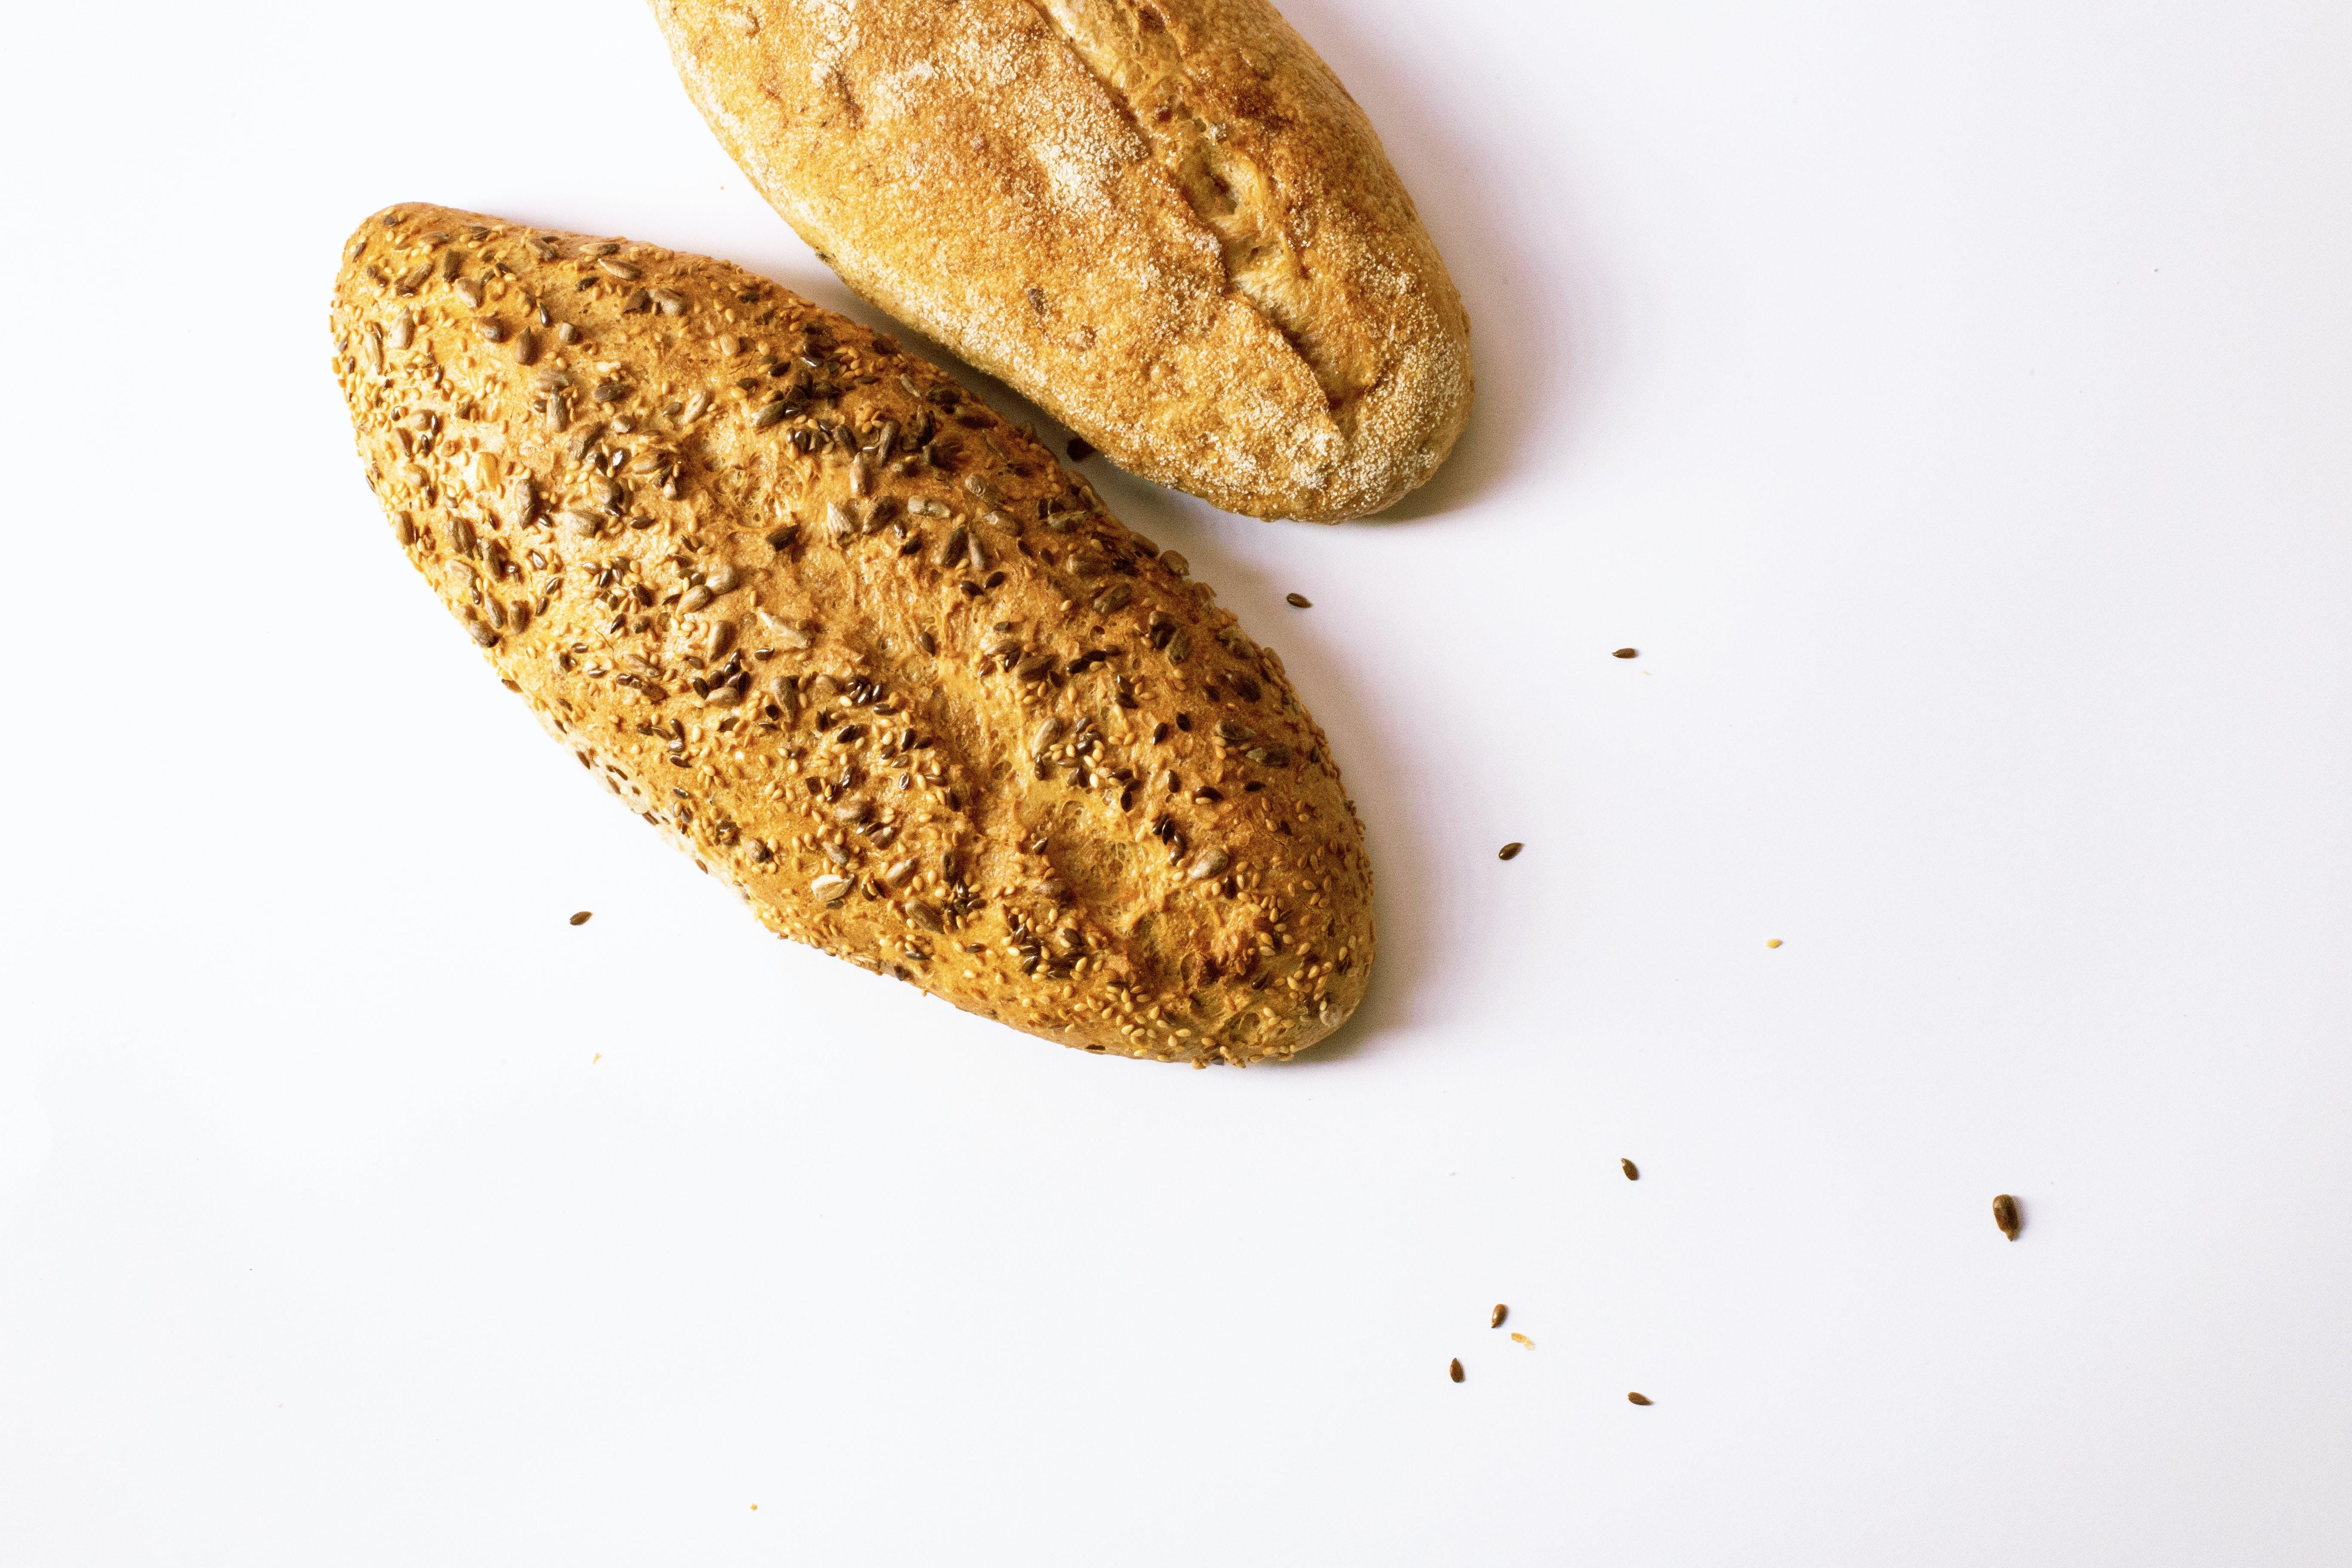 구운, 맛있는, 빵, 음식의 무료 스톡 사진